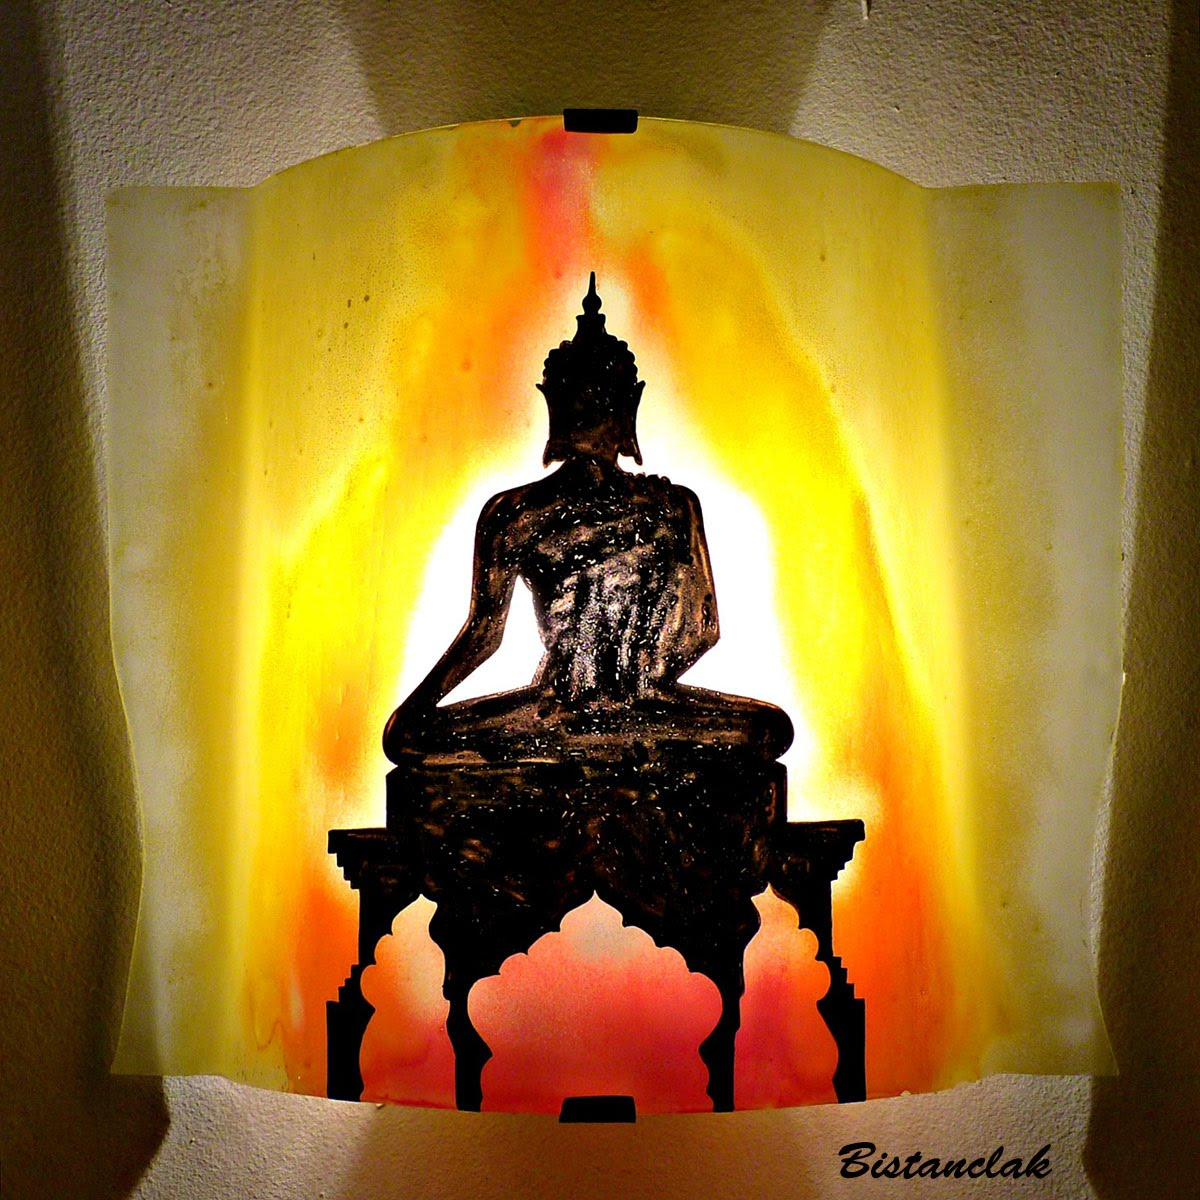 Luminaire applique murale artisanale jaune orange rouge motif statue de bouddha 1